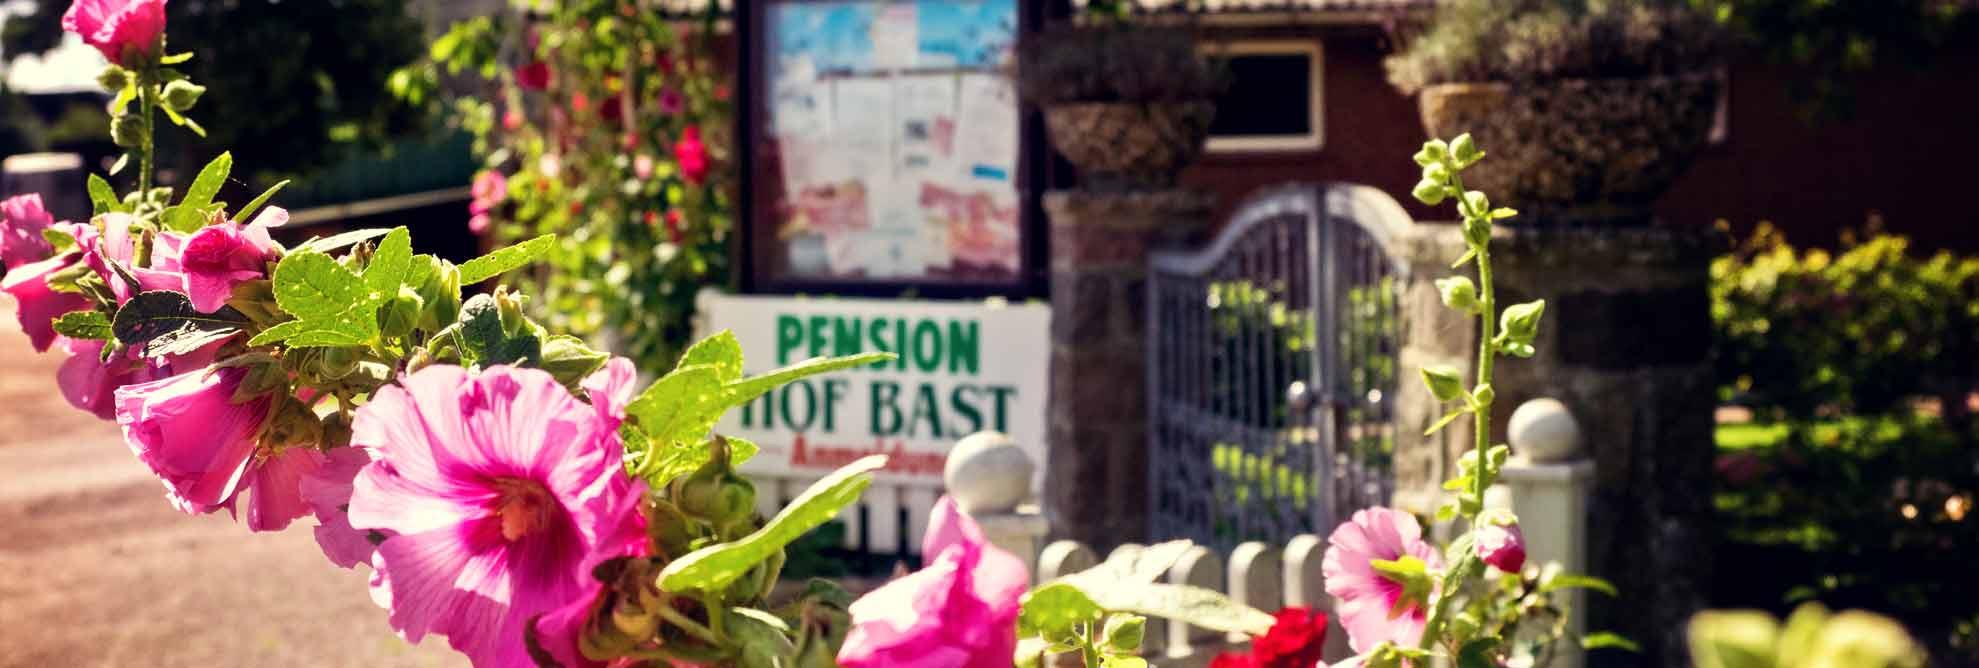 Ferienwohnungen auf Hof Bast